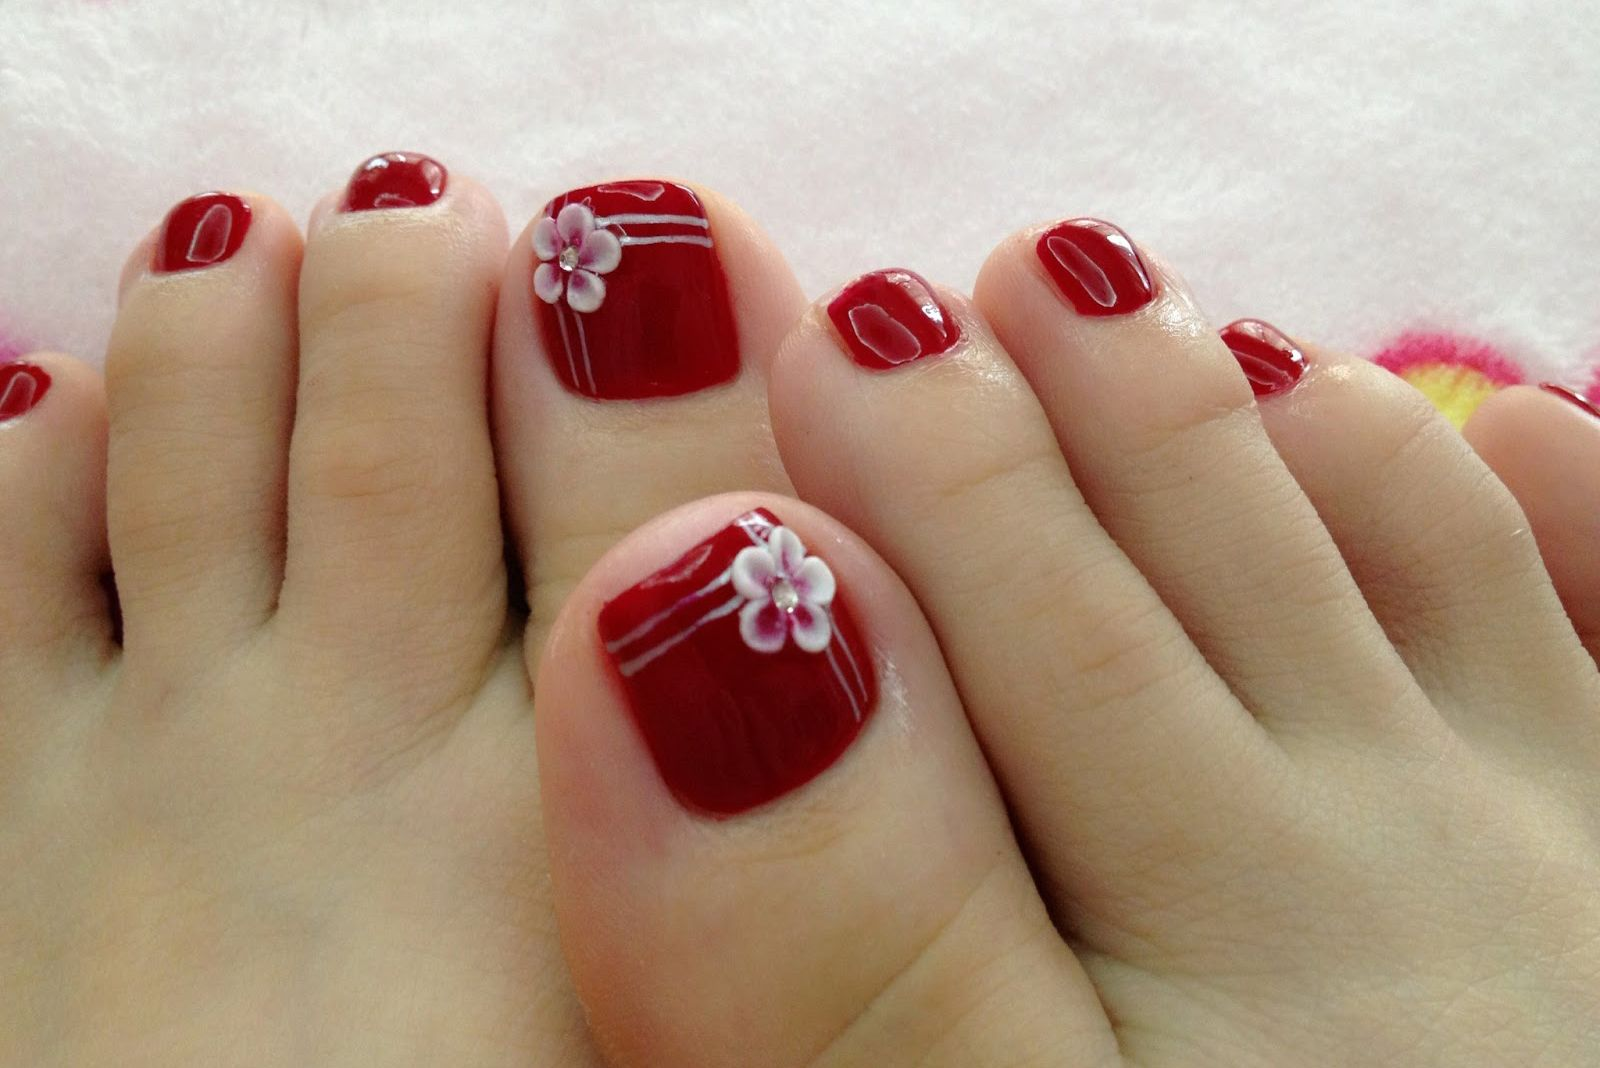 Resultado de imagen de Pedicure Nail Art | Uñas mami | Pinterest ...